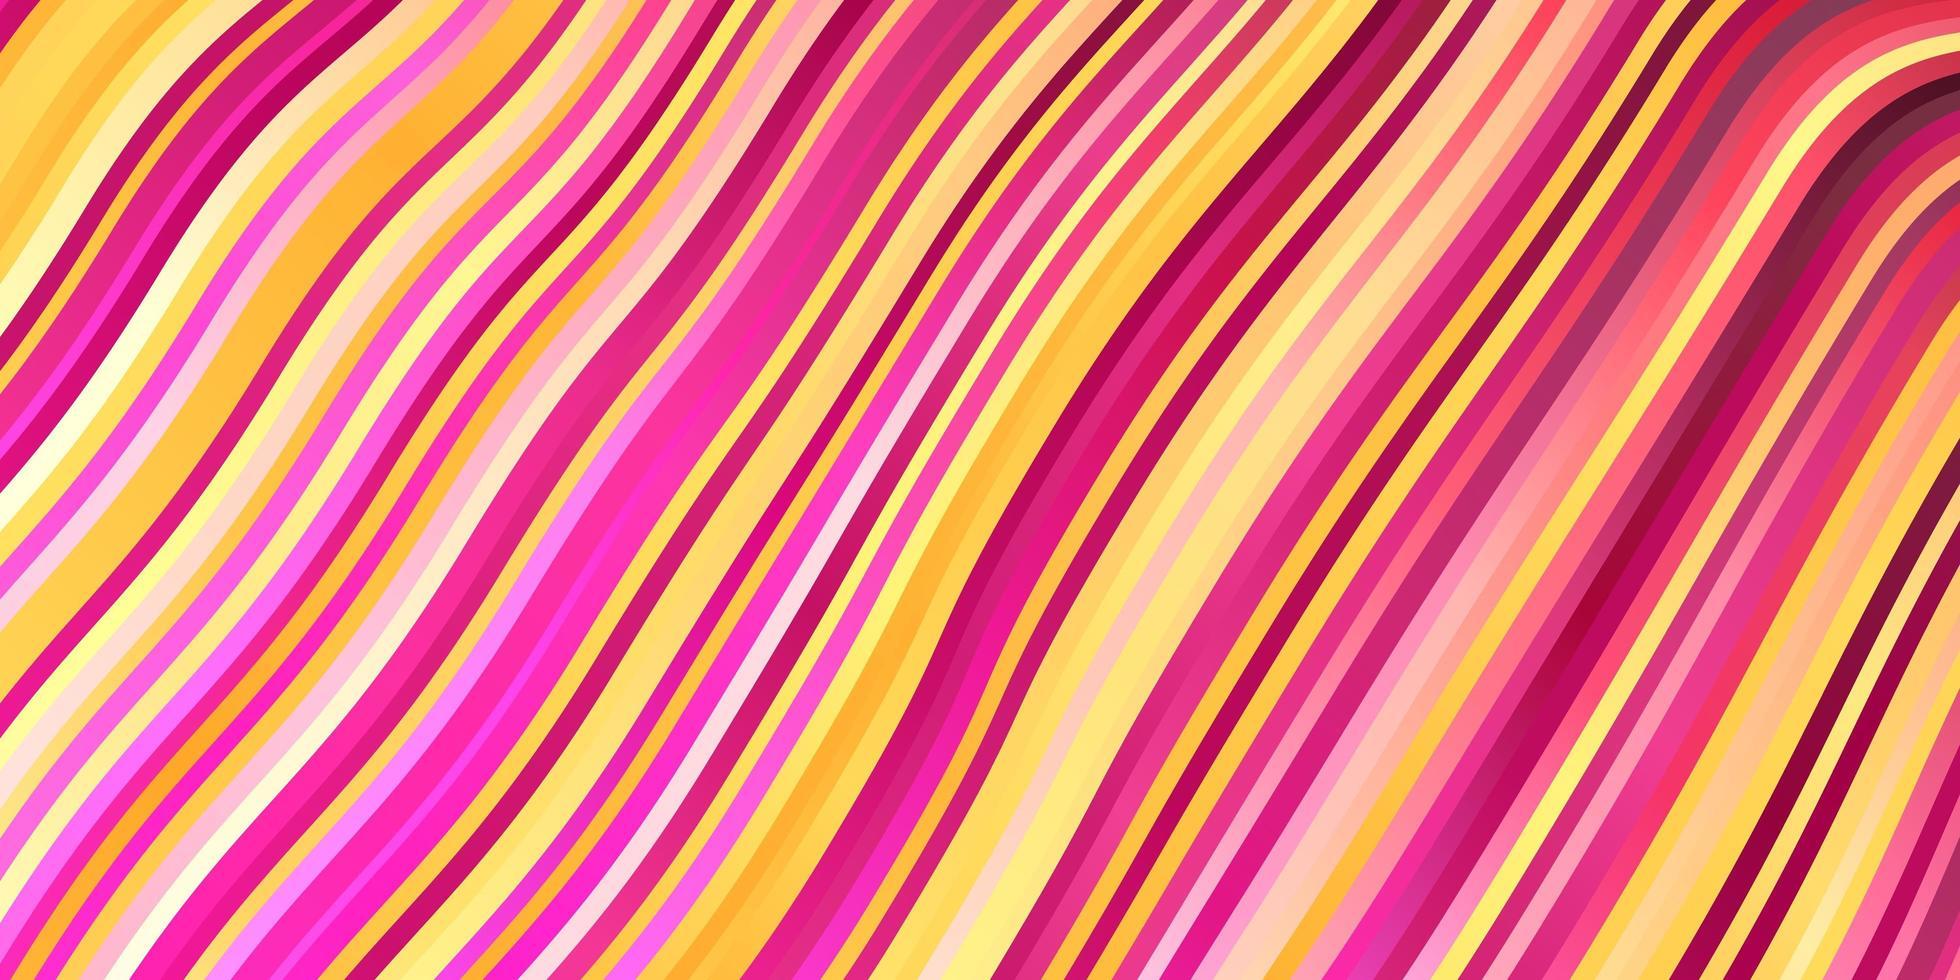 modèle vectoriel rose clair, jaune avec des lignes ironiques.